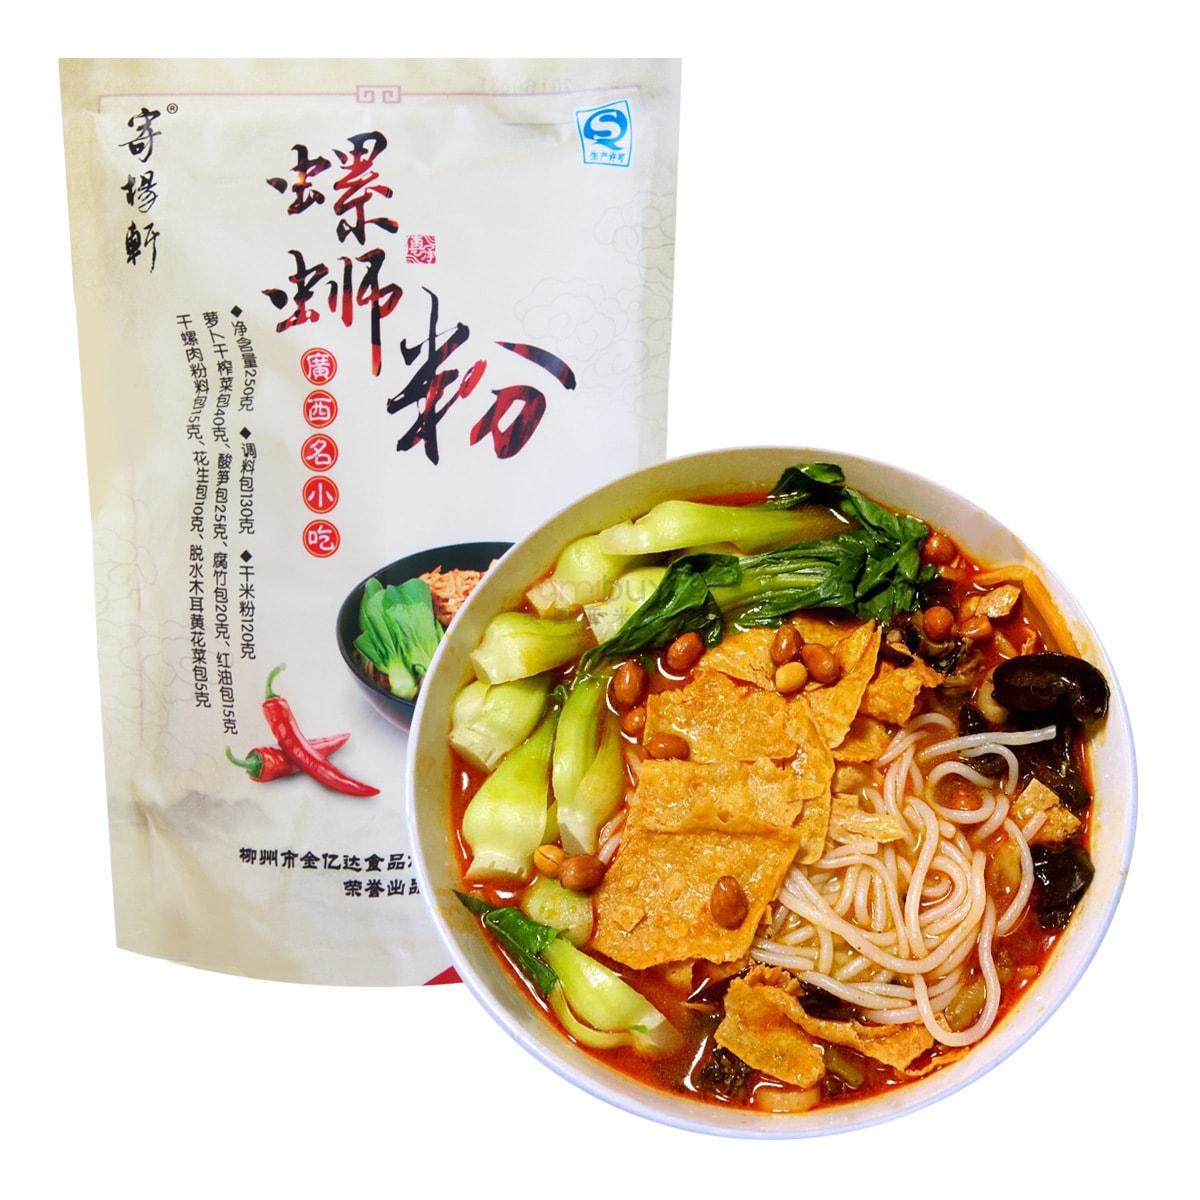 寄杨轩 柳州螺蛳粉 煮粉 250g 广西知名小吃